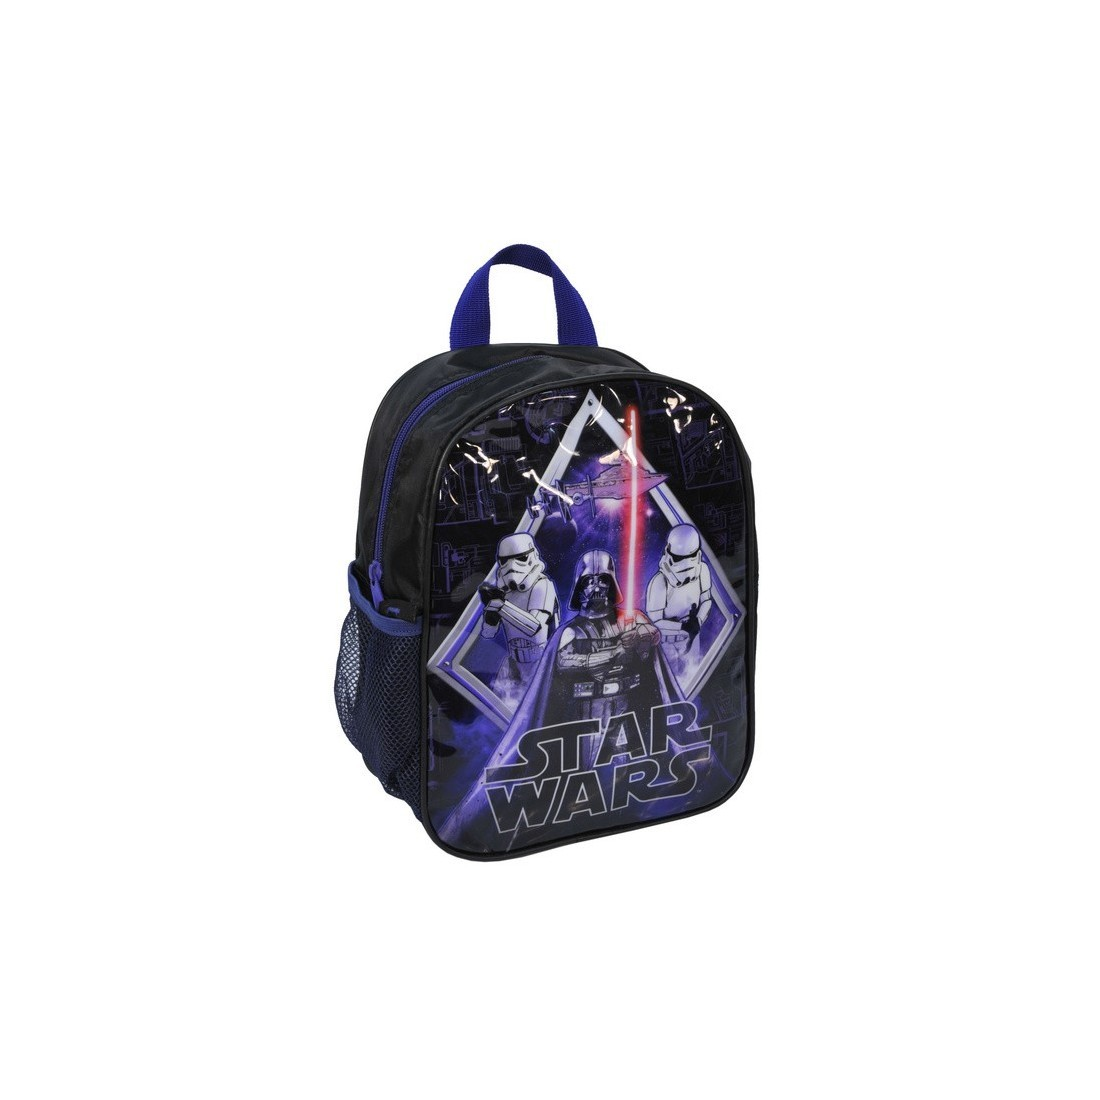 Plecaczek Star Wars czarno-fioletowy - plecak-tornister.pl